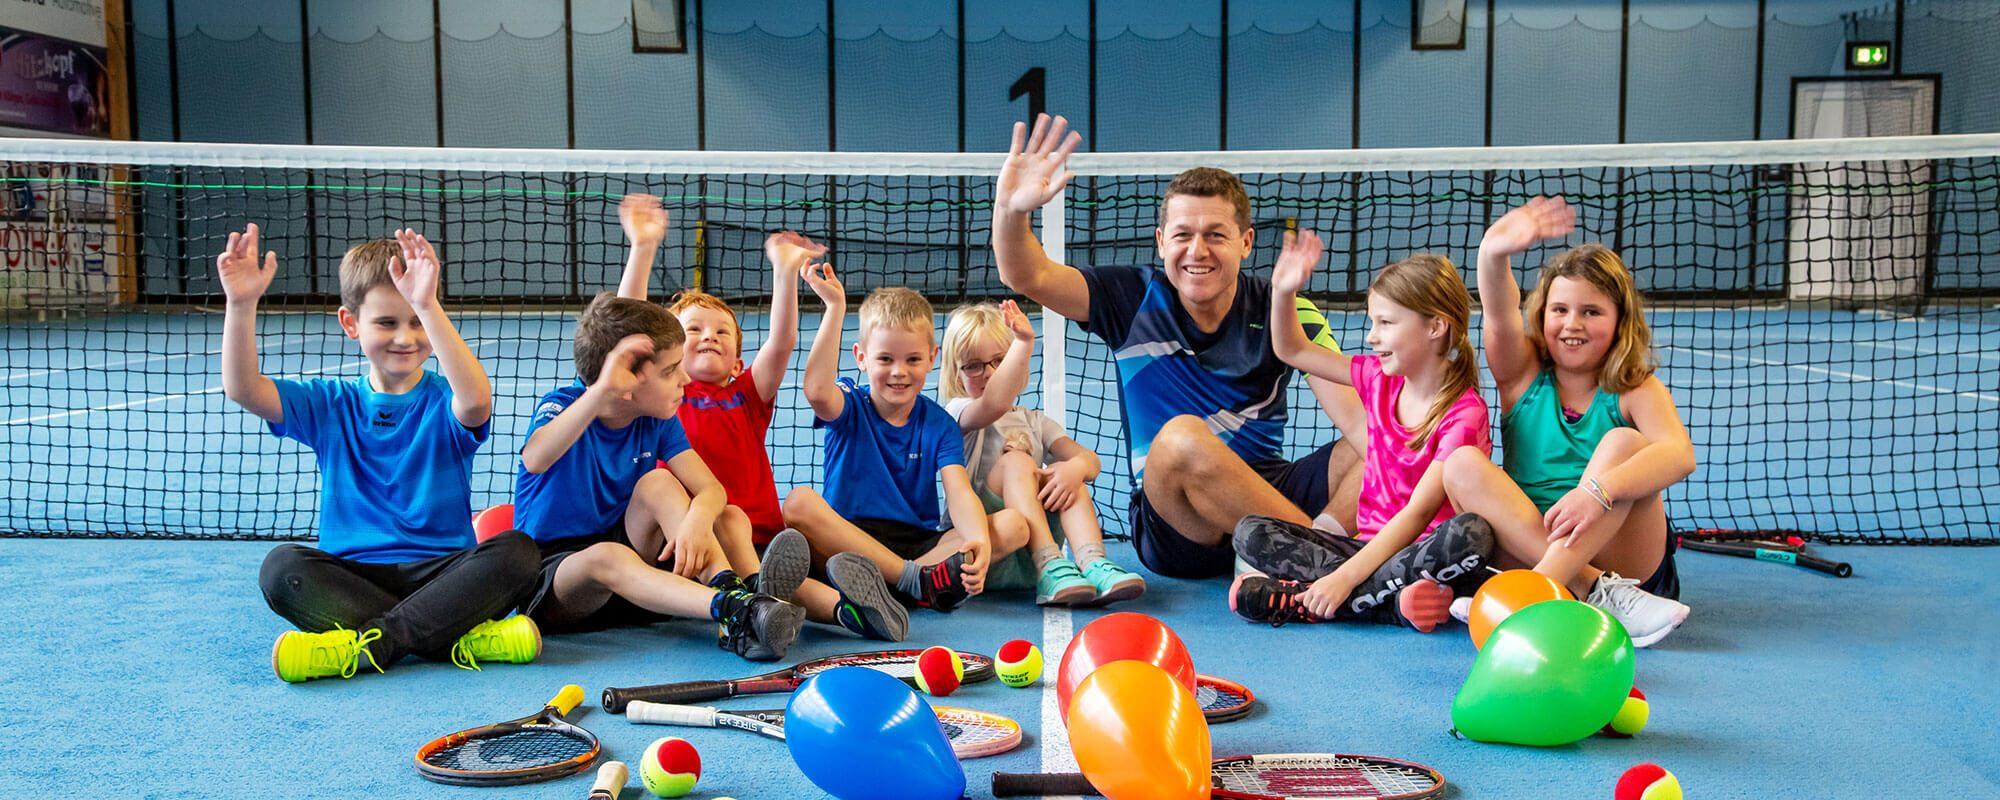 Kindertennis | Tennisschule Raimund Knogler